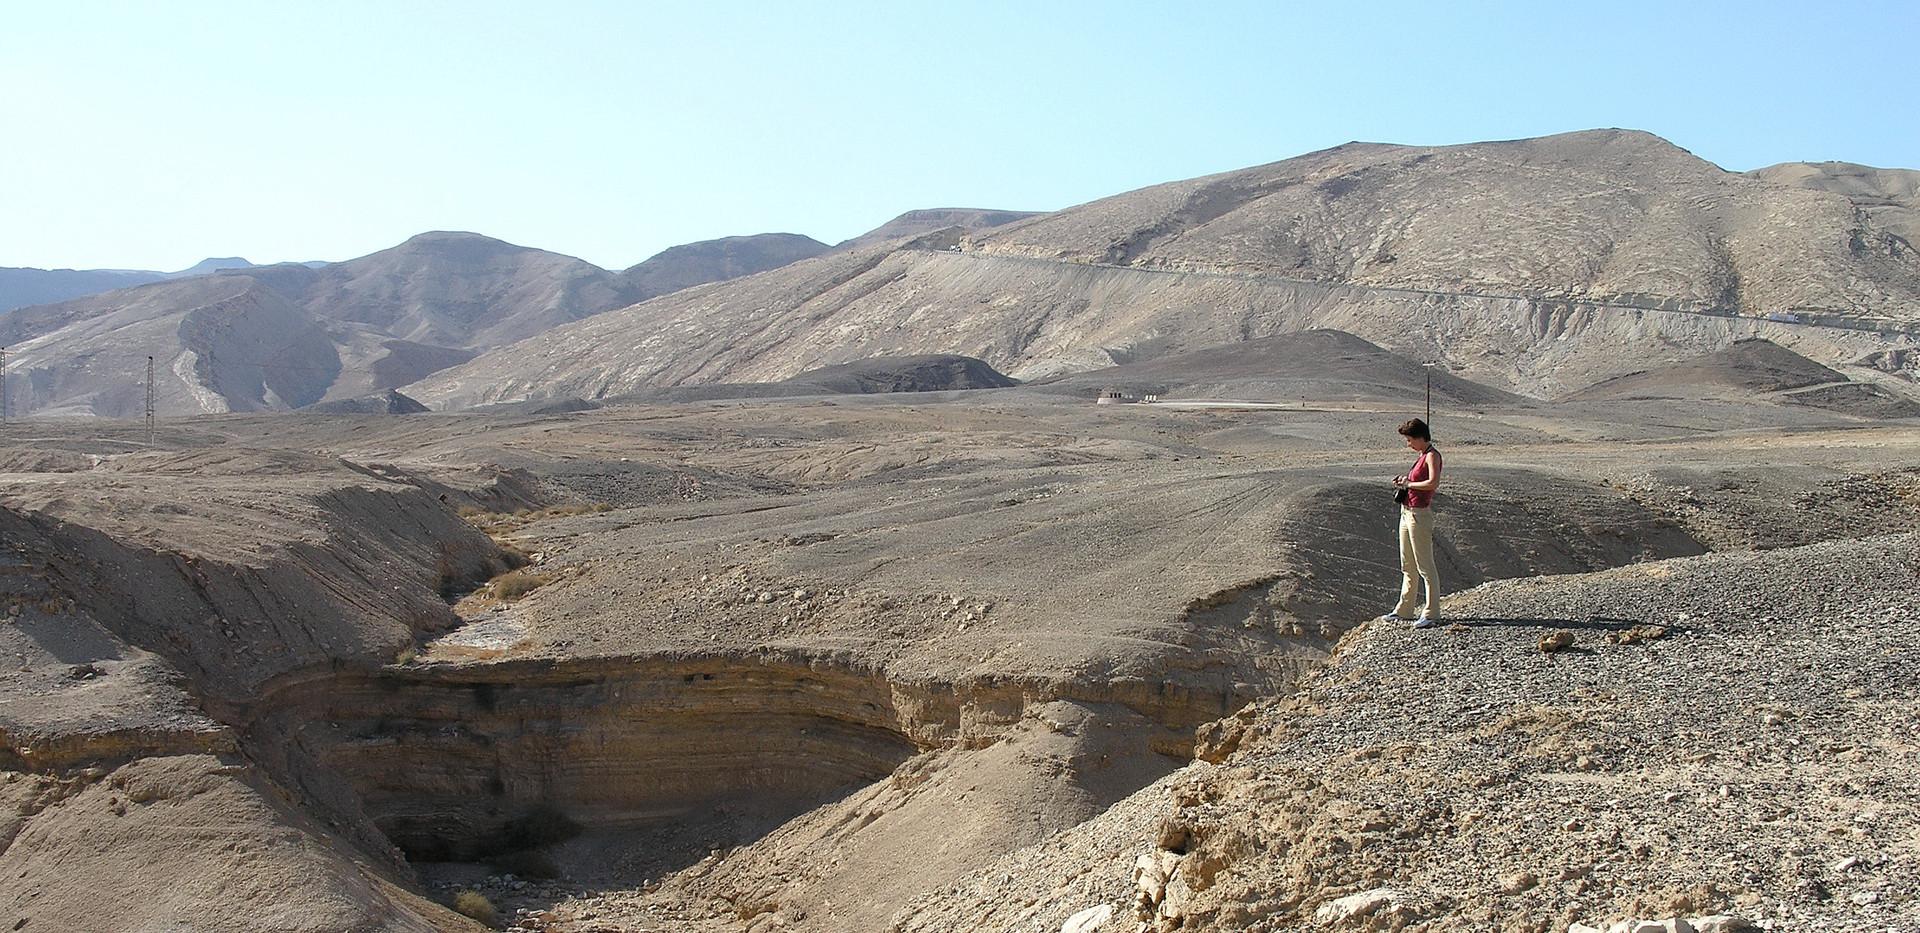 067 Dead Sea.JPG